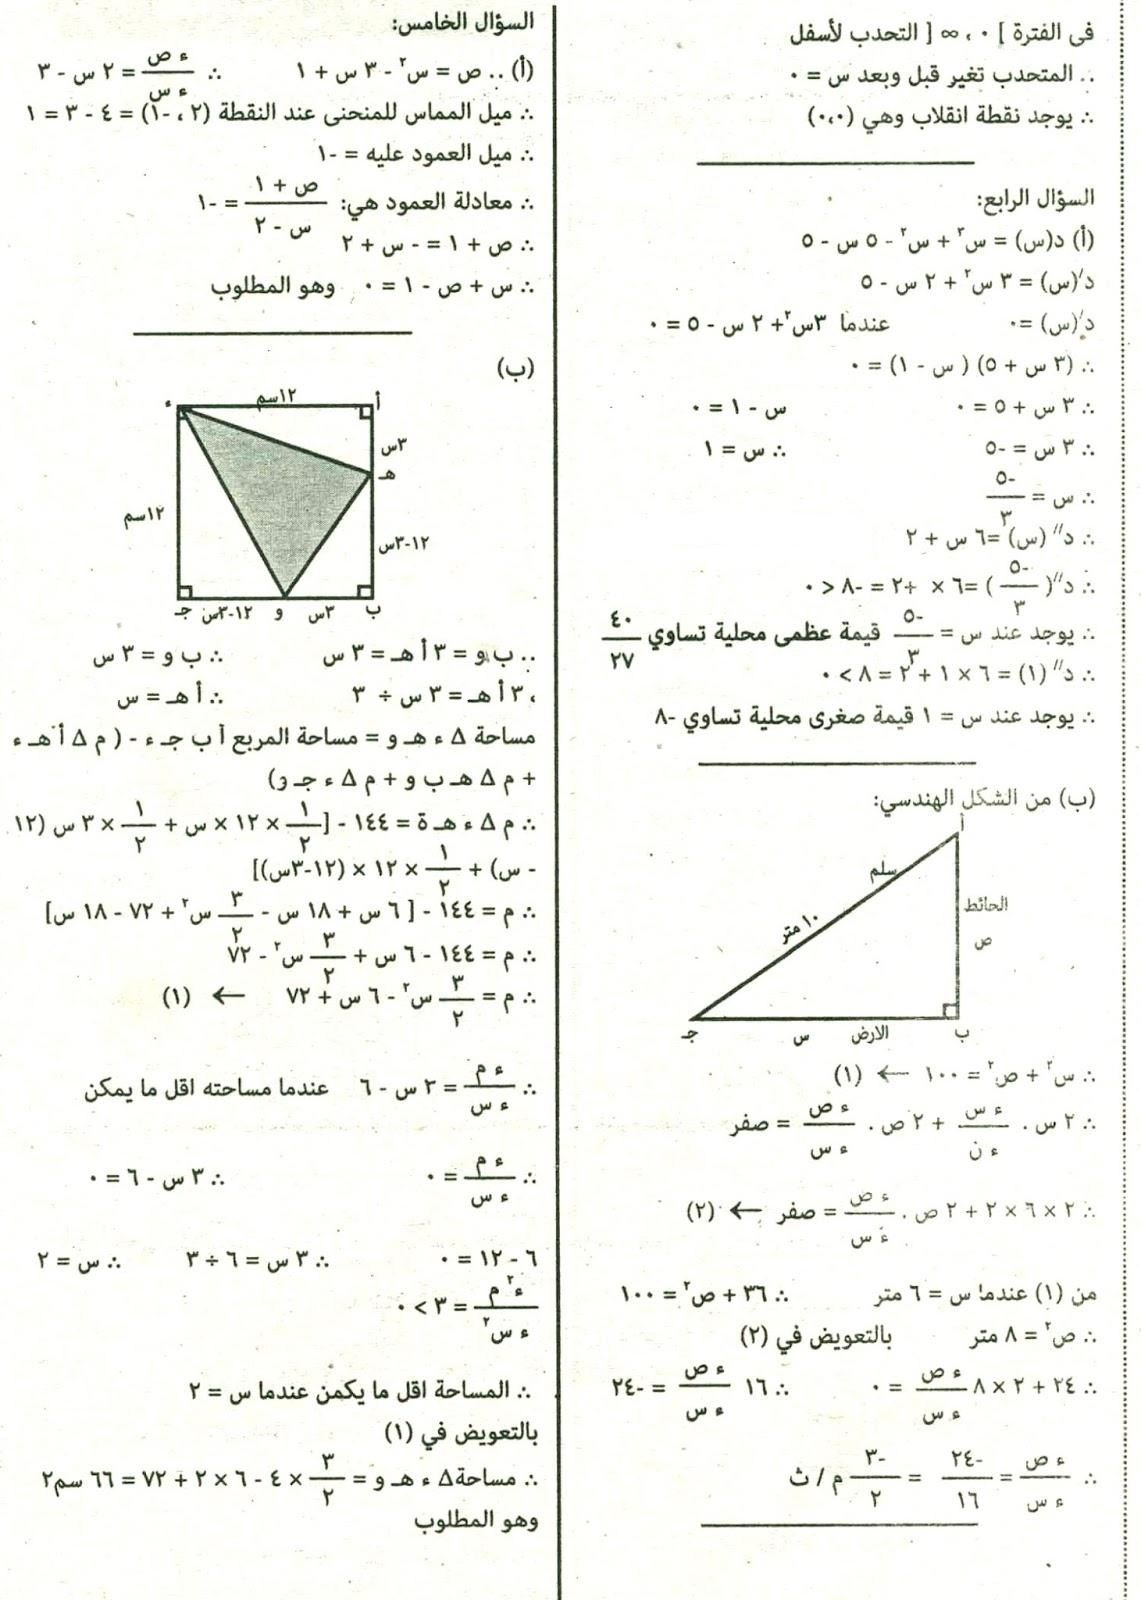 امتحان التفاضل والتكامل 2016 للثانوية العامة المصرية بالسودان 8